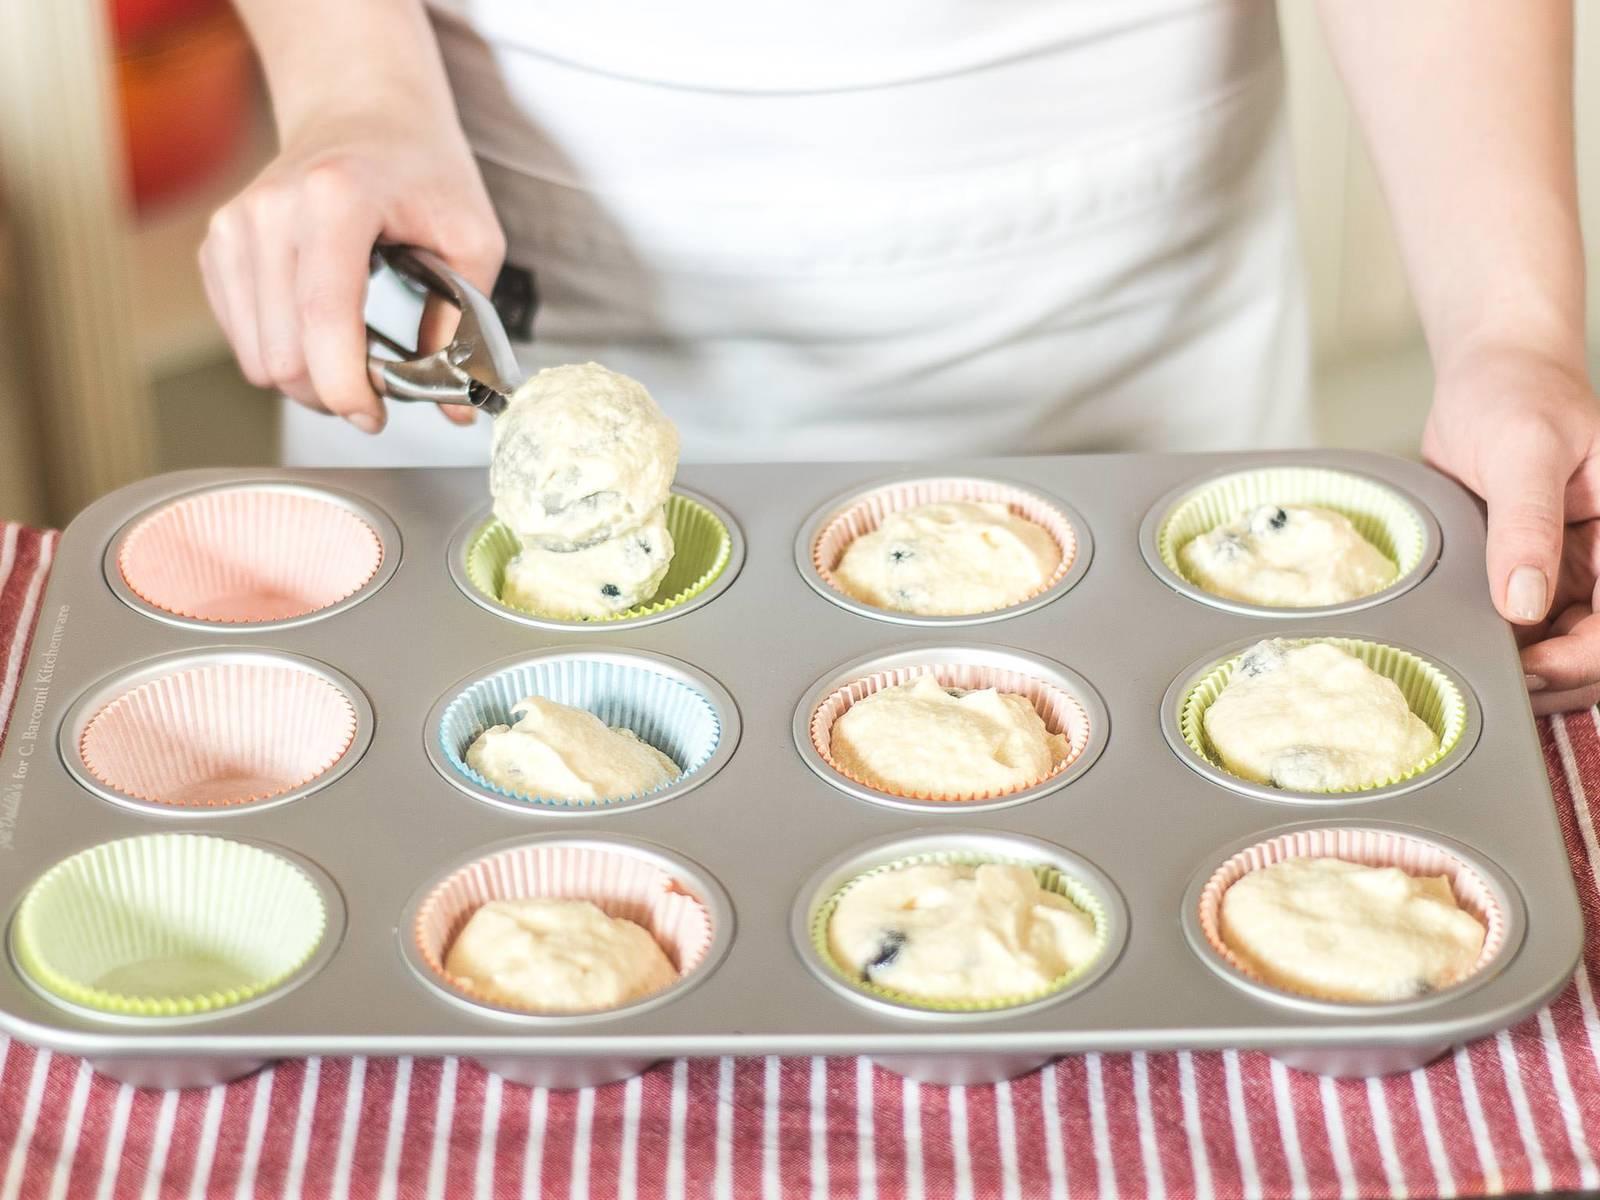 将面糊填入玛芬烤模内,在预热至160摄氏度的烤箱内烤约20分钟,至玛芬呈金黄色。取出后冷却10分钟,趁温热享用。